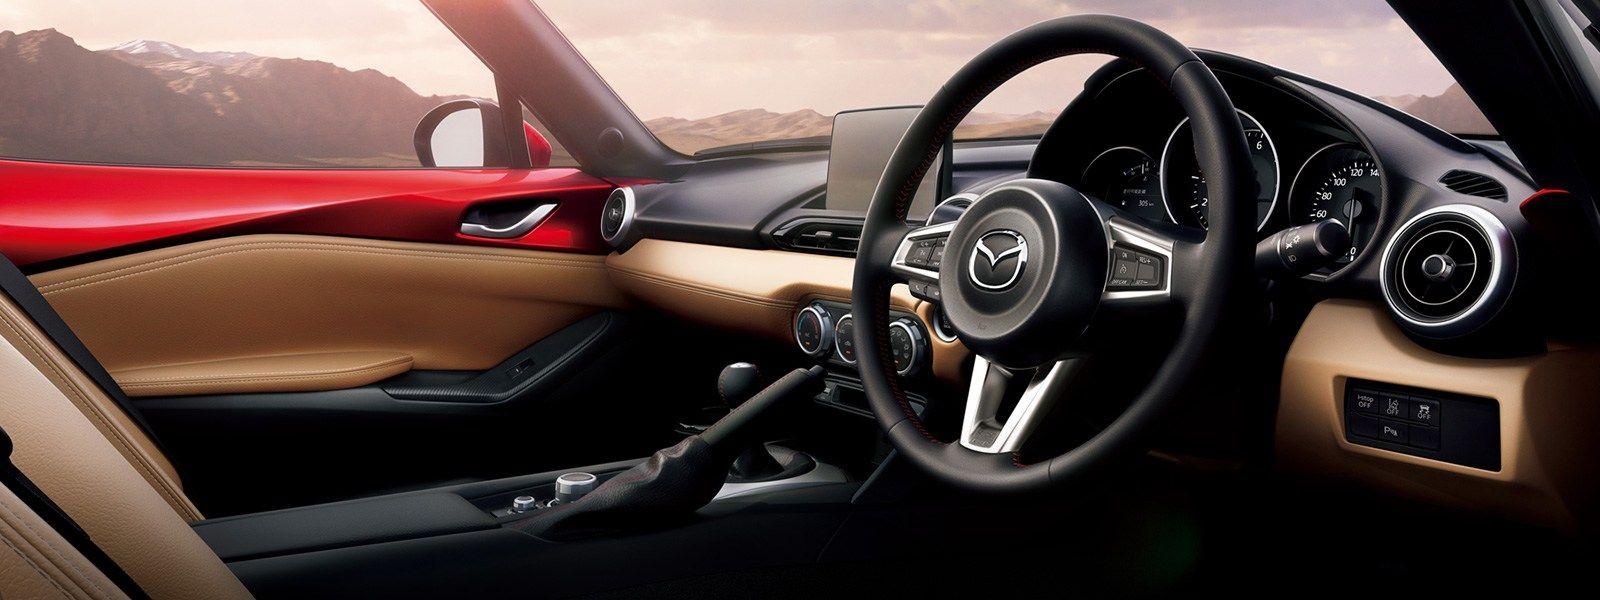 Mazda MX-5 Miata 2019 ra mắt tại Nhật Bản với động cơ Skyactiv-G 2.0 mới